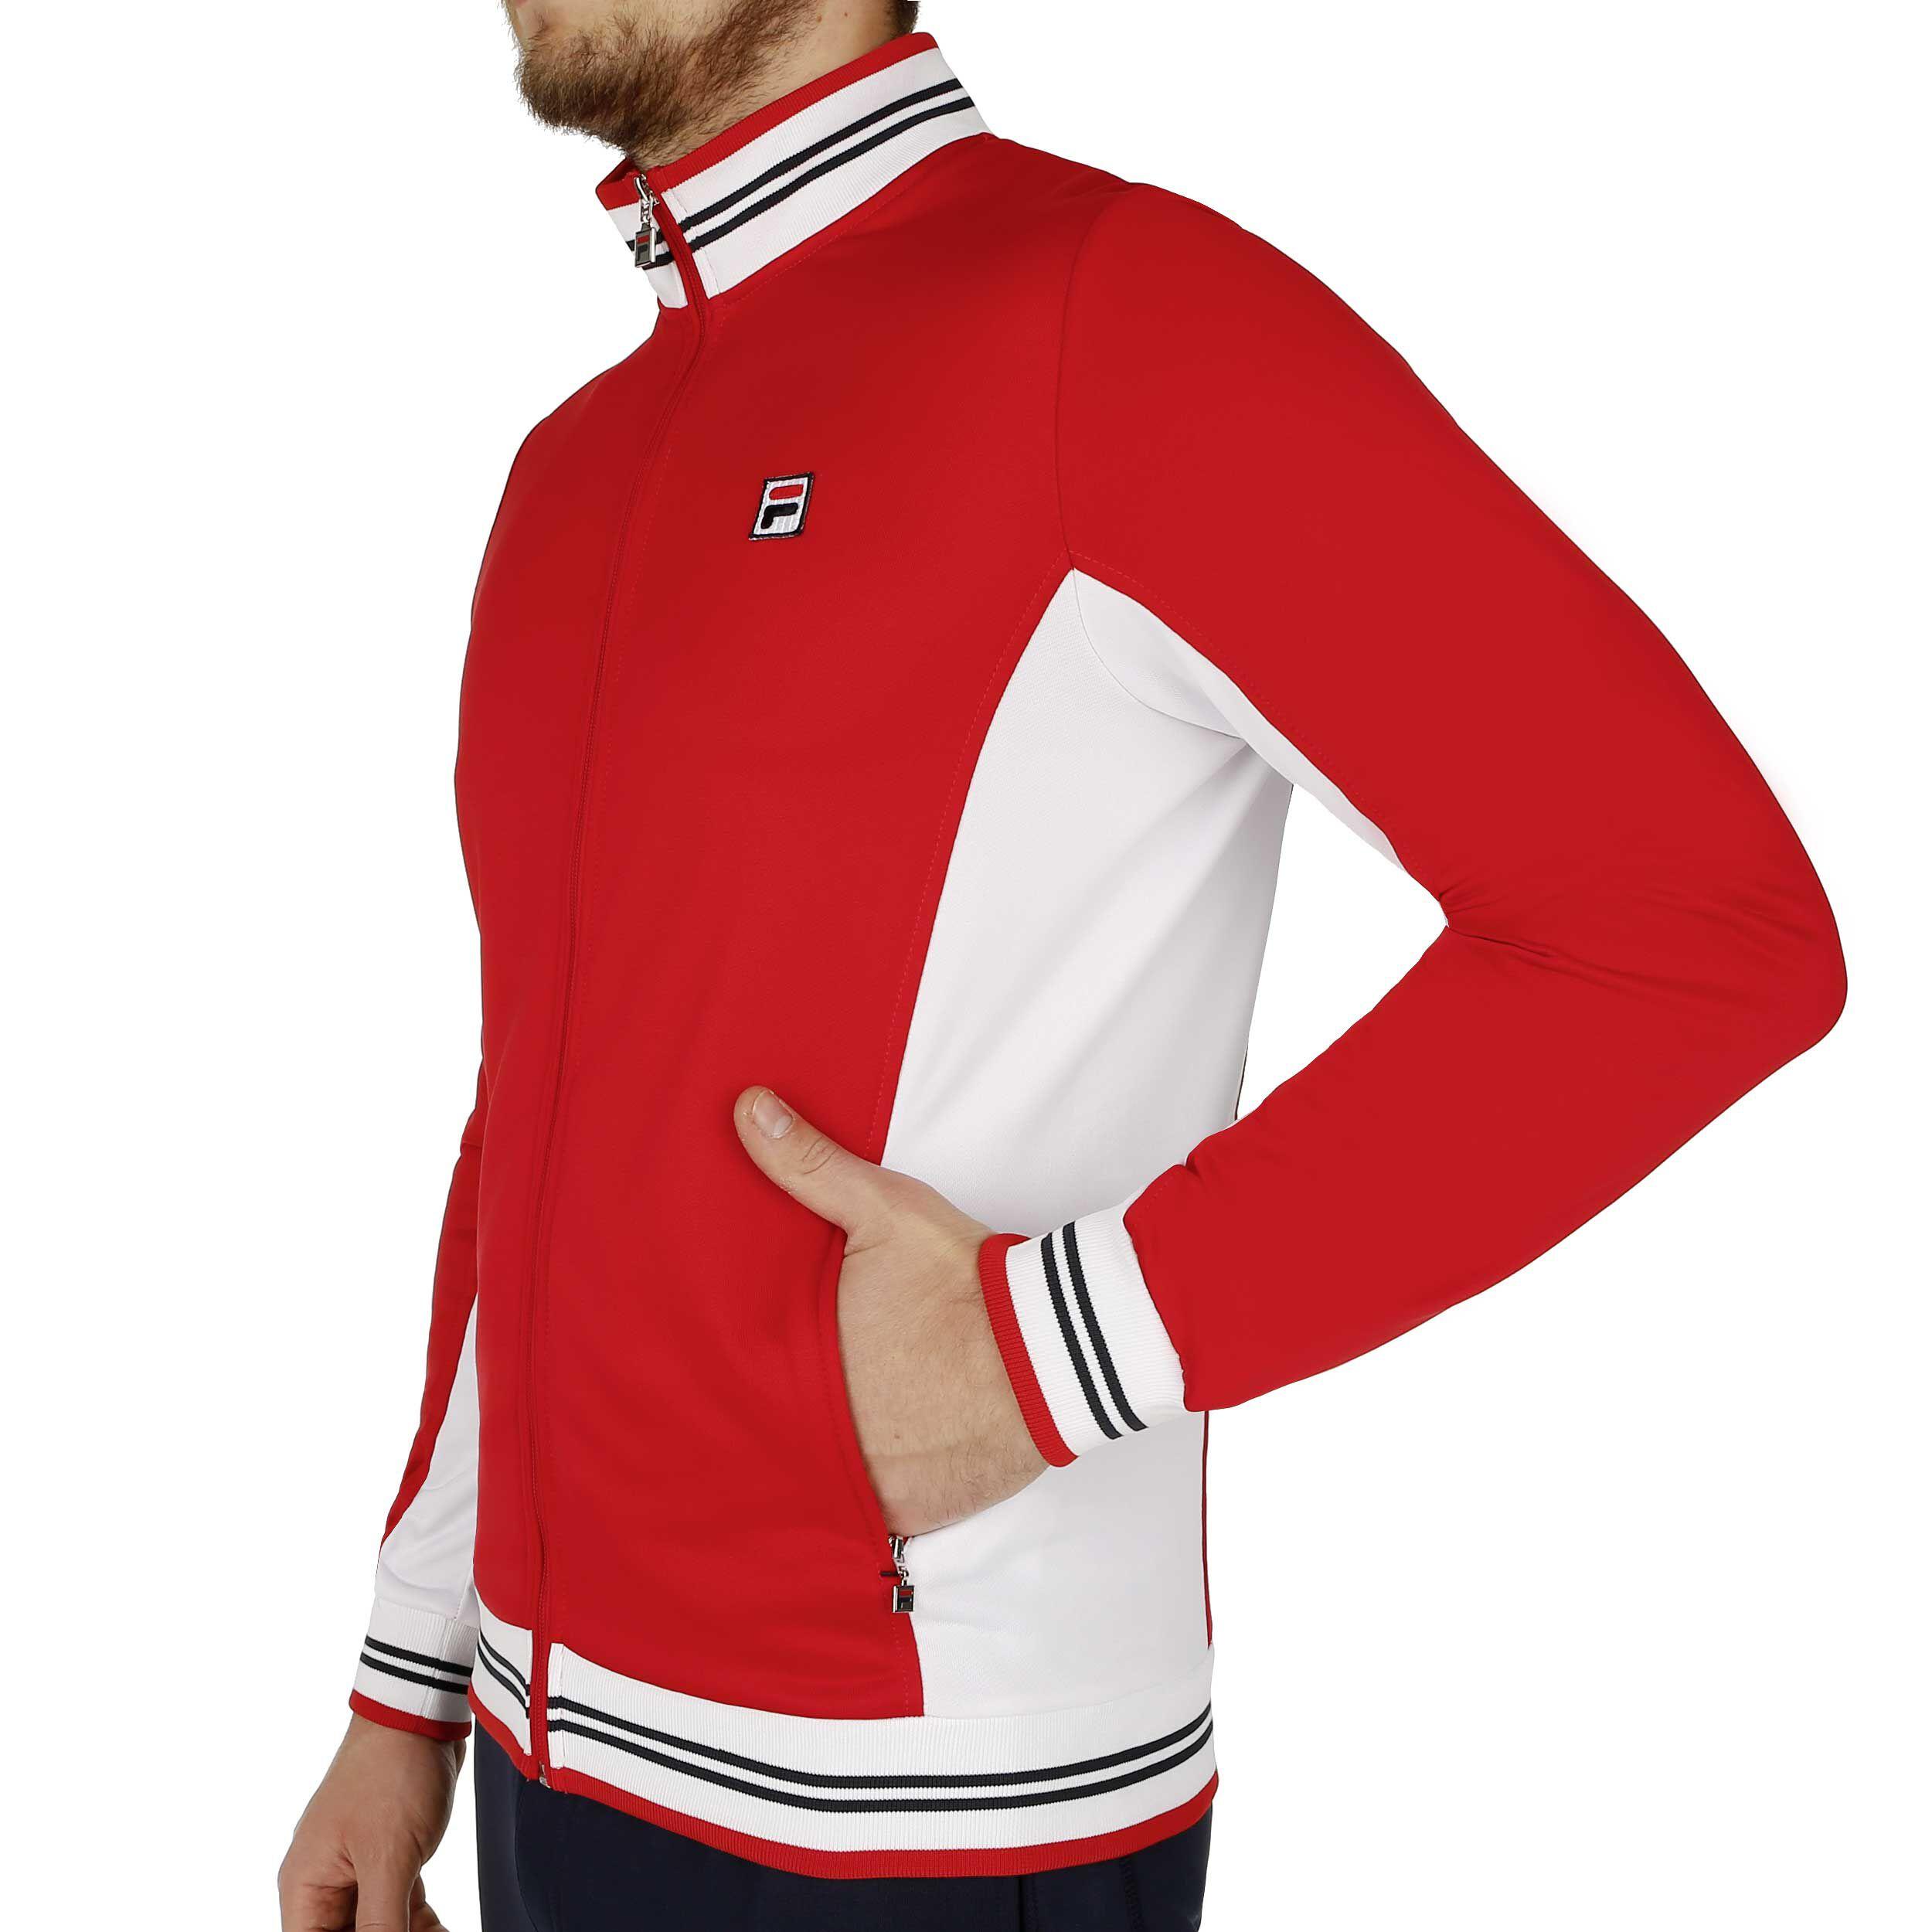 Fila Ole Functional Trainingsjacke Herren Rot, Weiß online